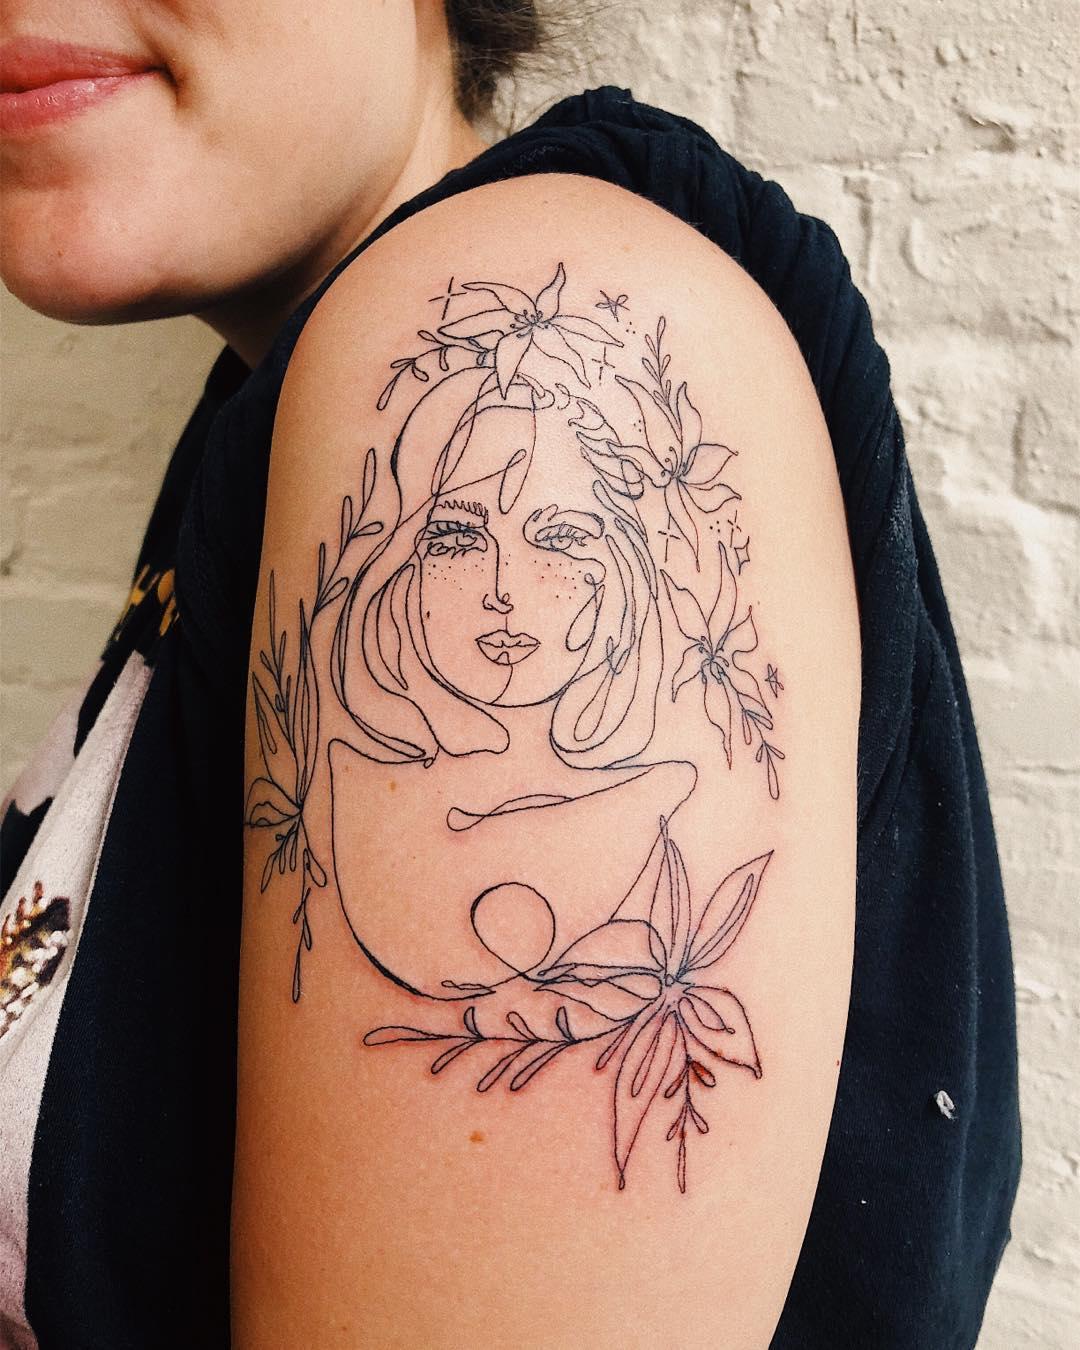 Just Wanna Make Ya Feel Cute Body Art Tattoos Tattoos Minimalist Tattoo